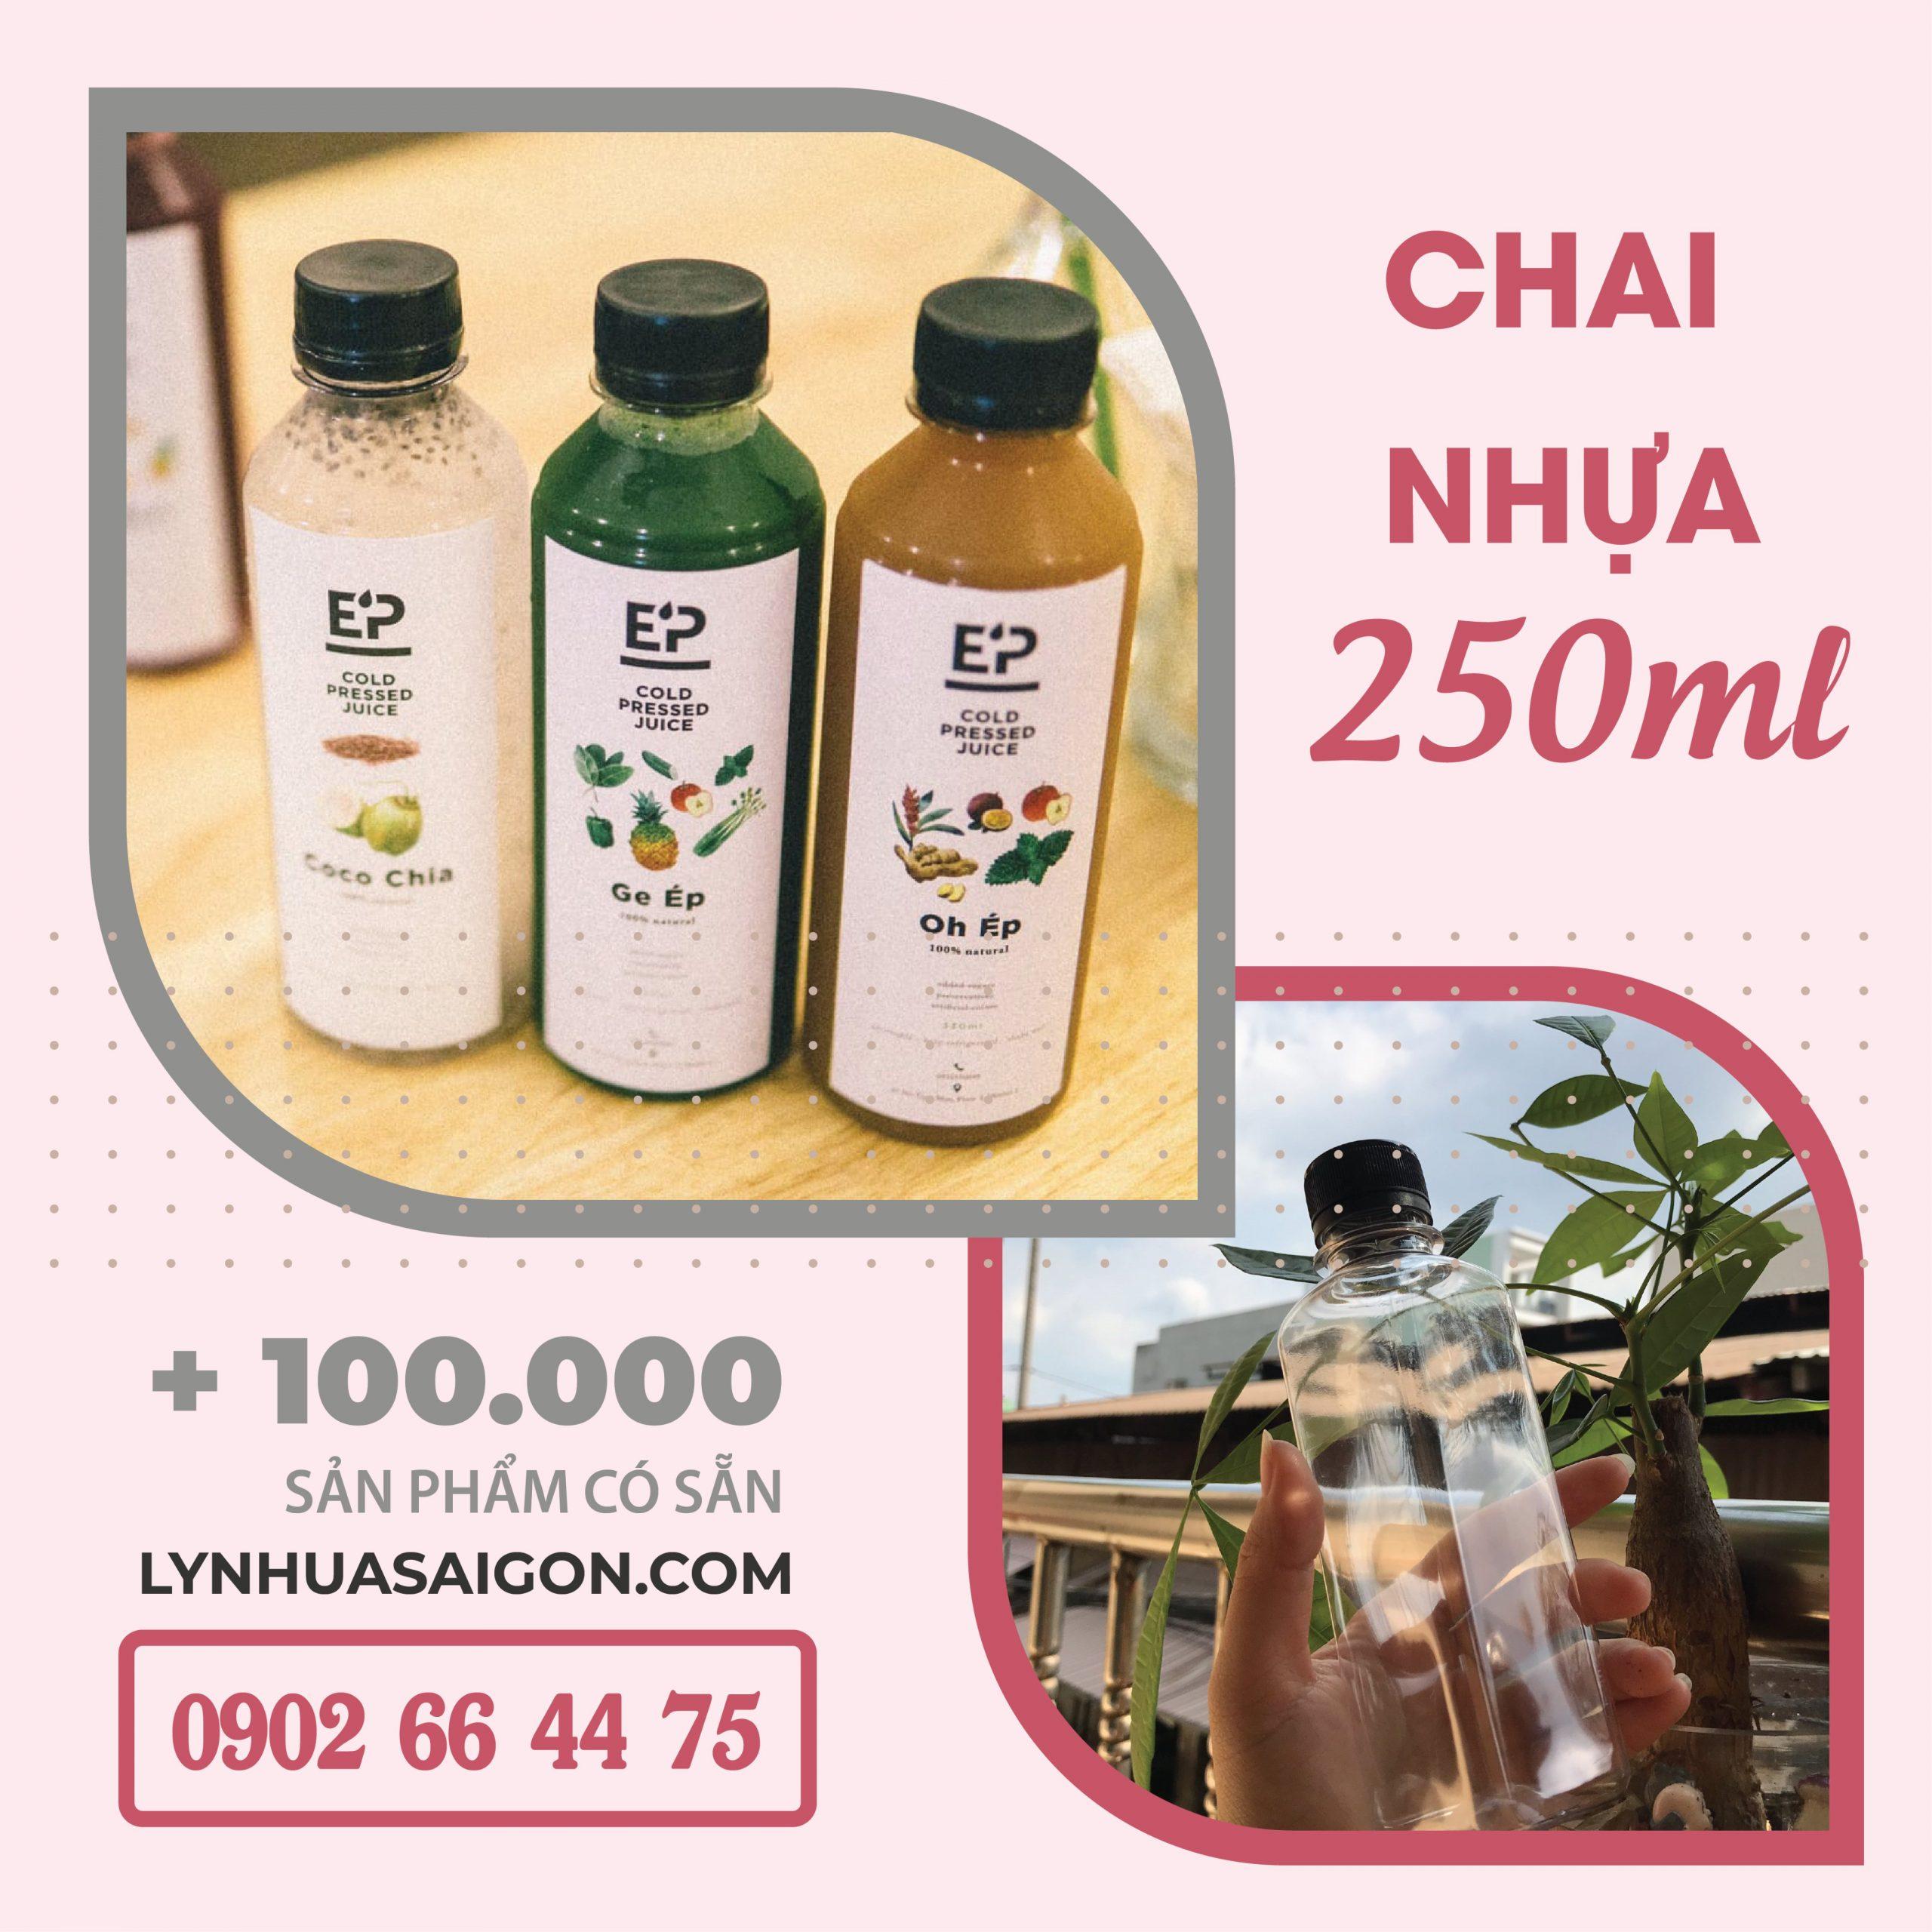 li-do-phai-dat-mua-chai-nhua-250ml-ngay